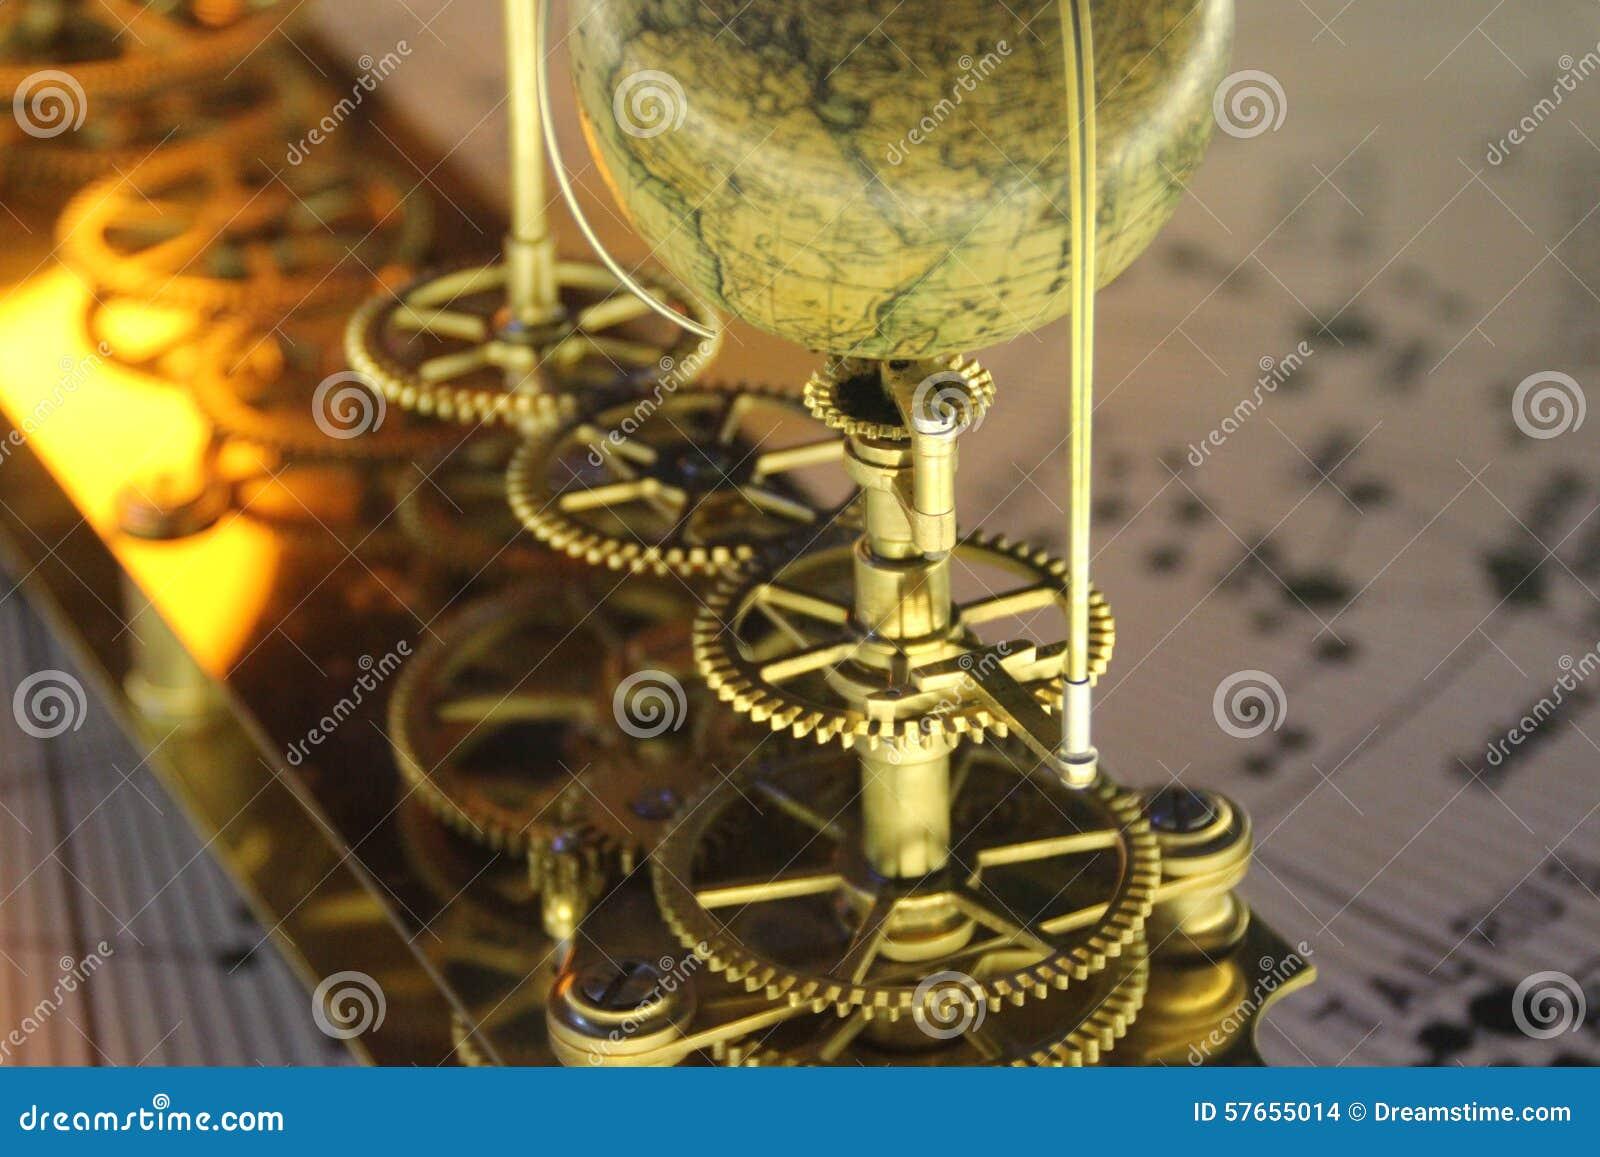 Astrologisches Werkzeug